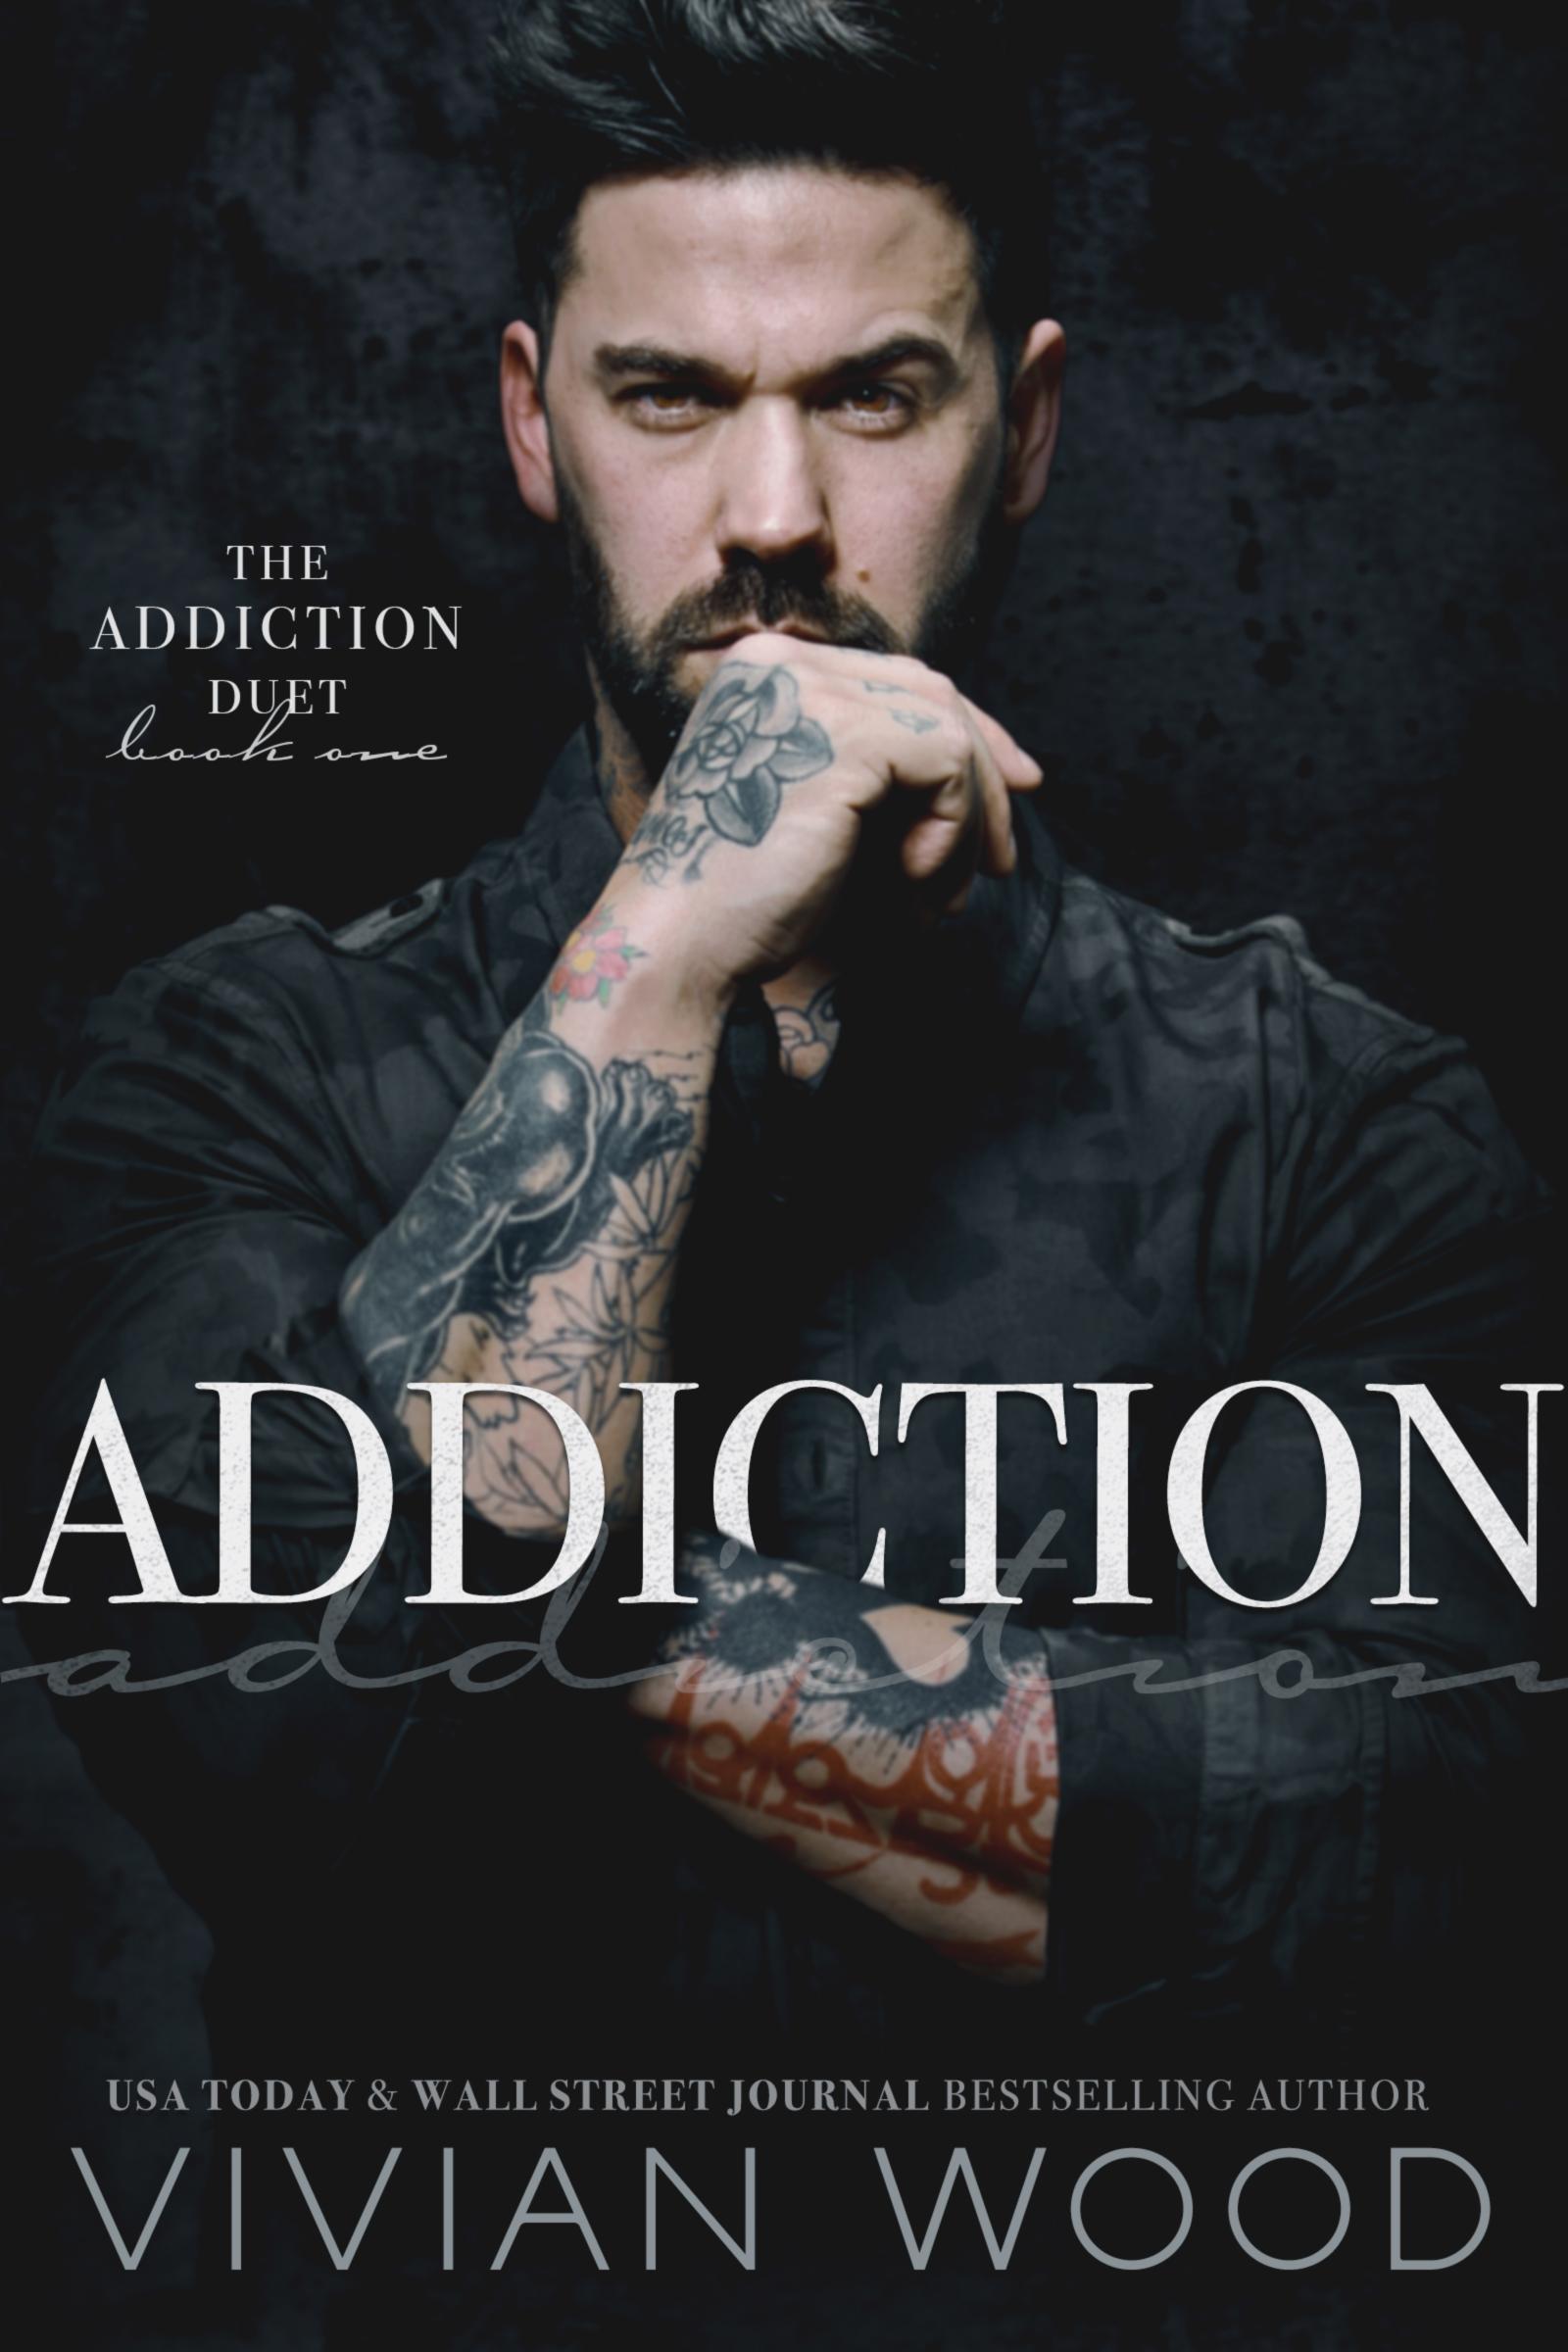 Addiction - Cover model Jonny James